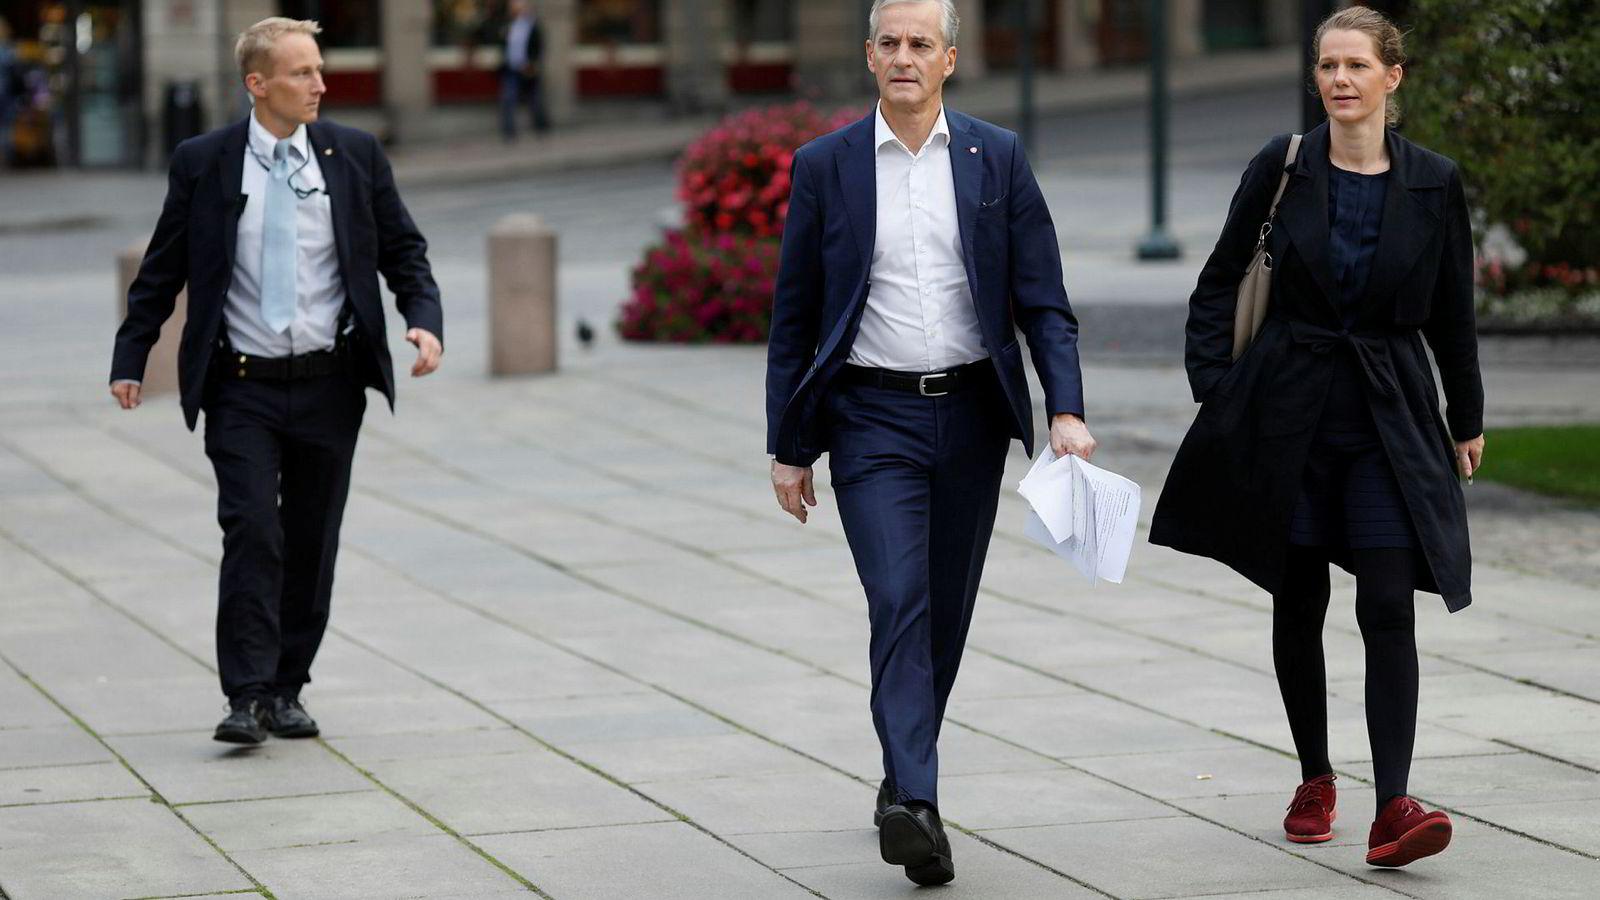 Jonas Gahr Støre og rådgiver Camilla Ryste på vei til NRKs «Politisk kvarter» utenfor Stortinget torsdag morgen.